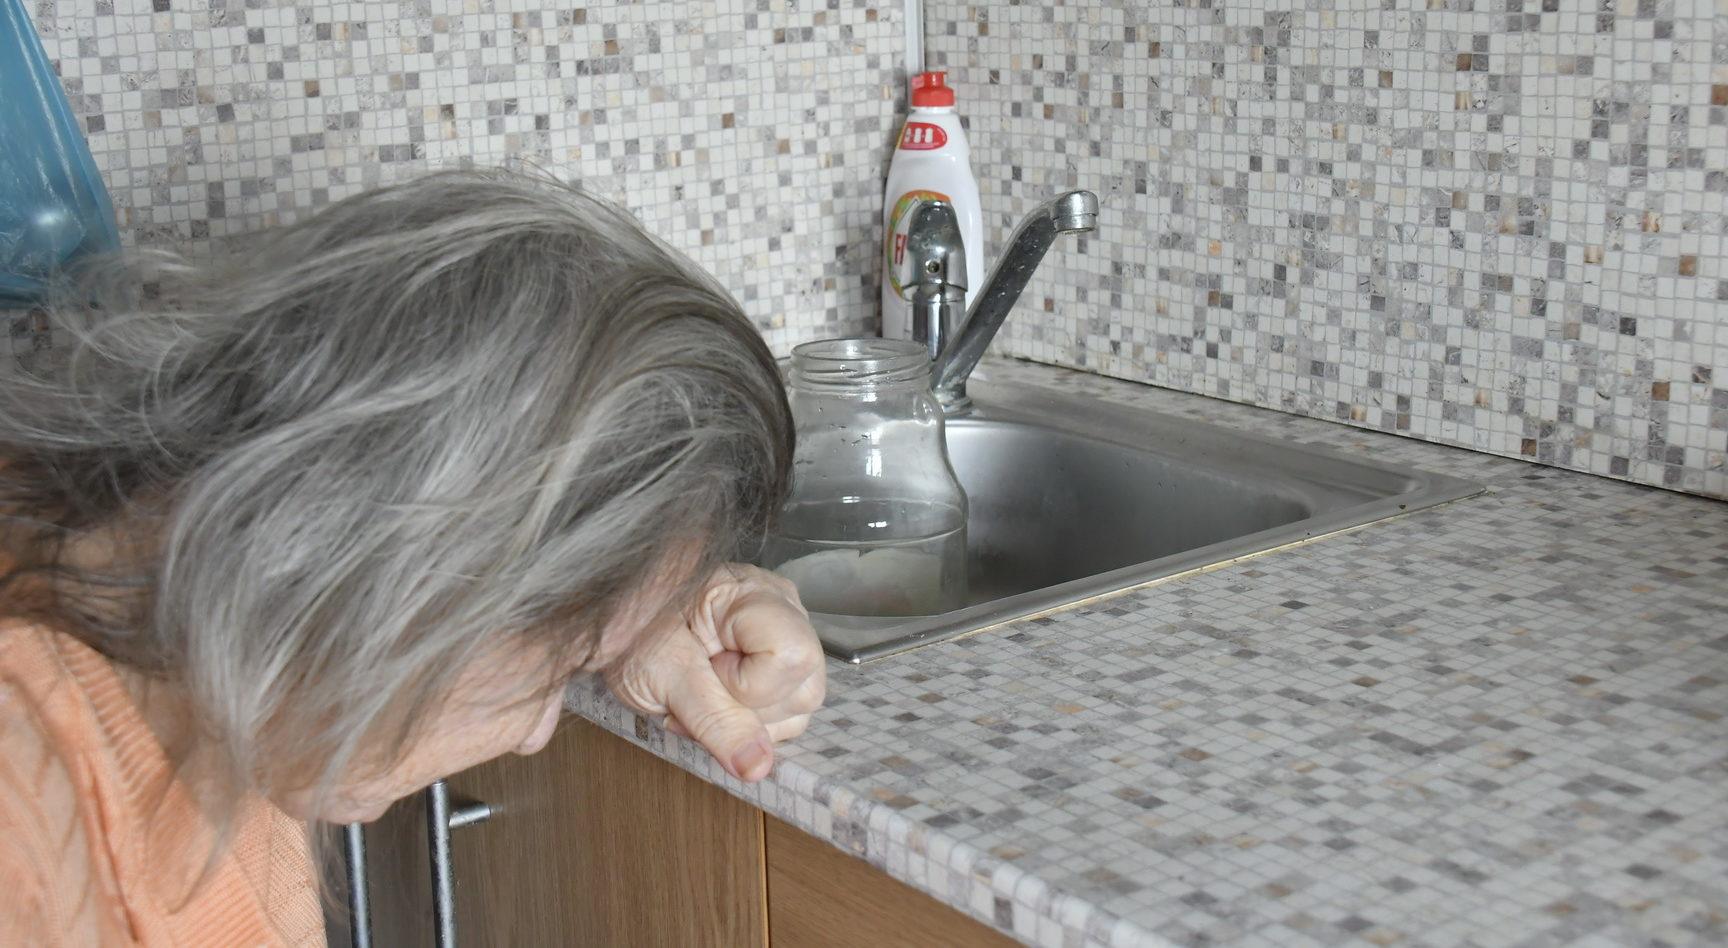 Названа дата, когда в Новороссийске улучшится ситуация с водоснабжением